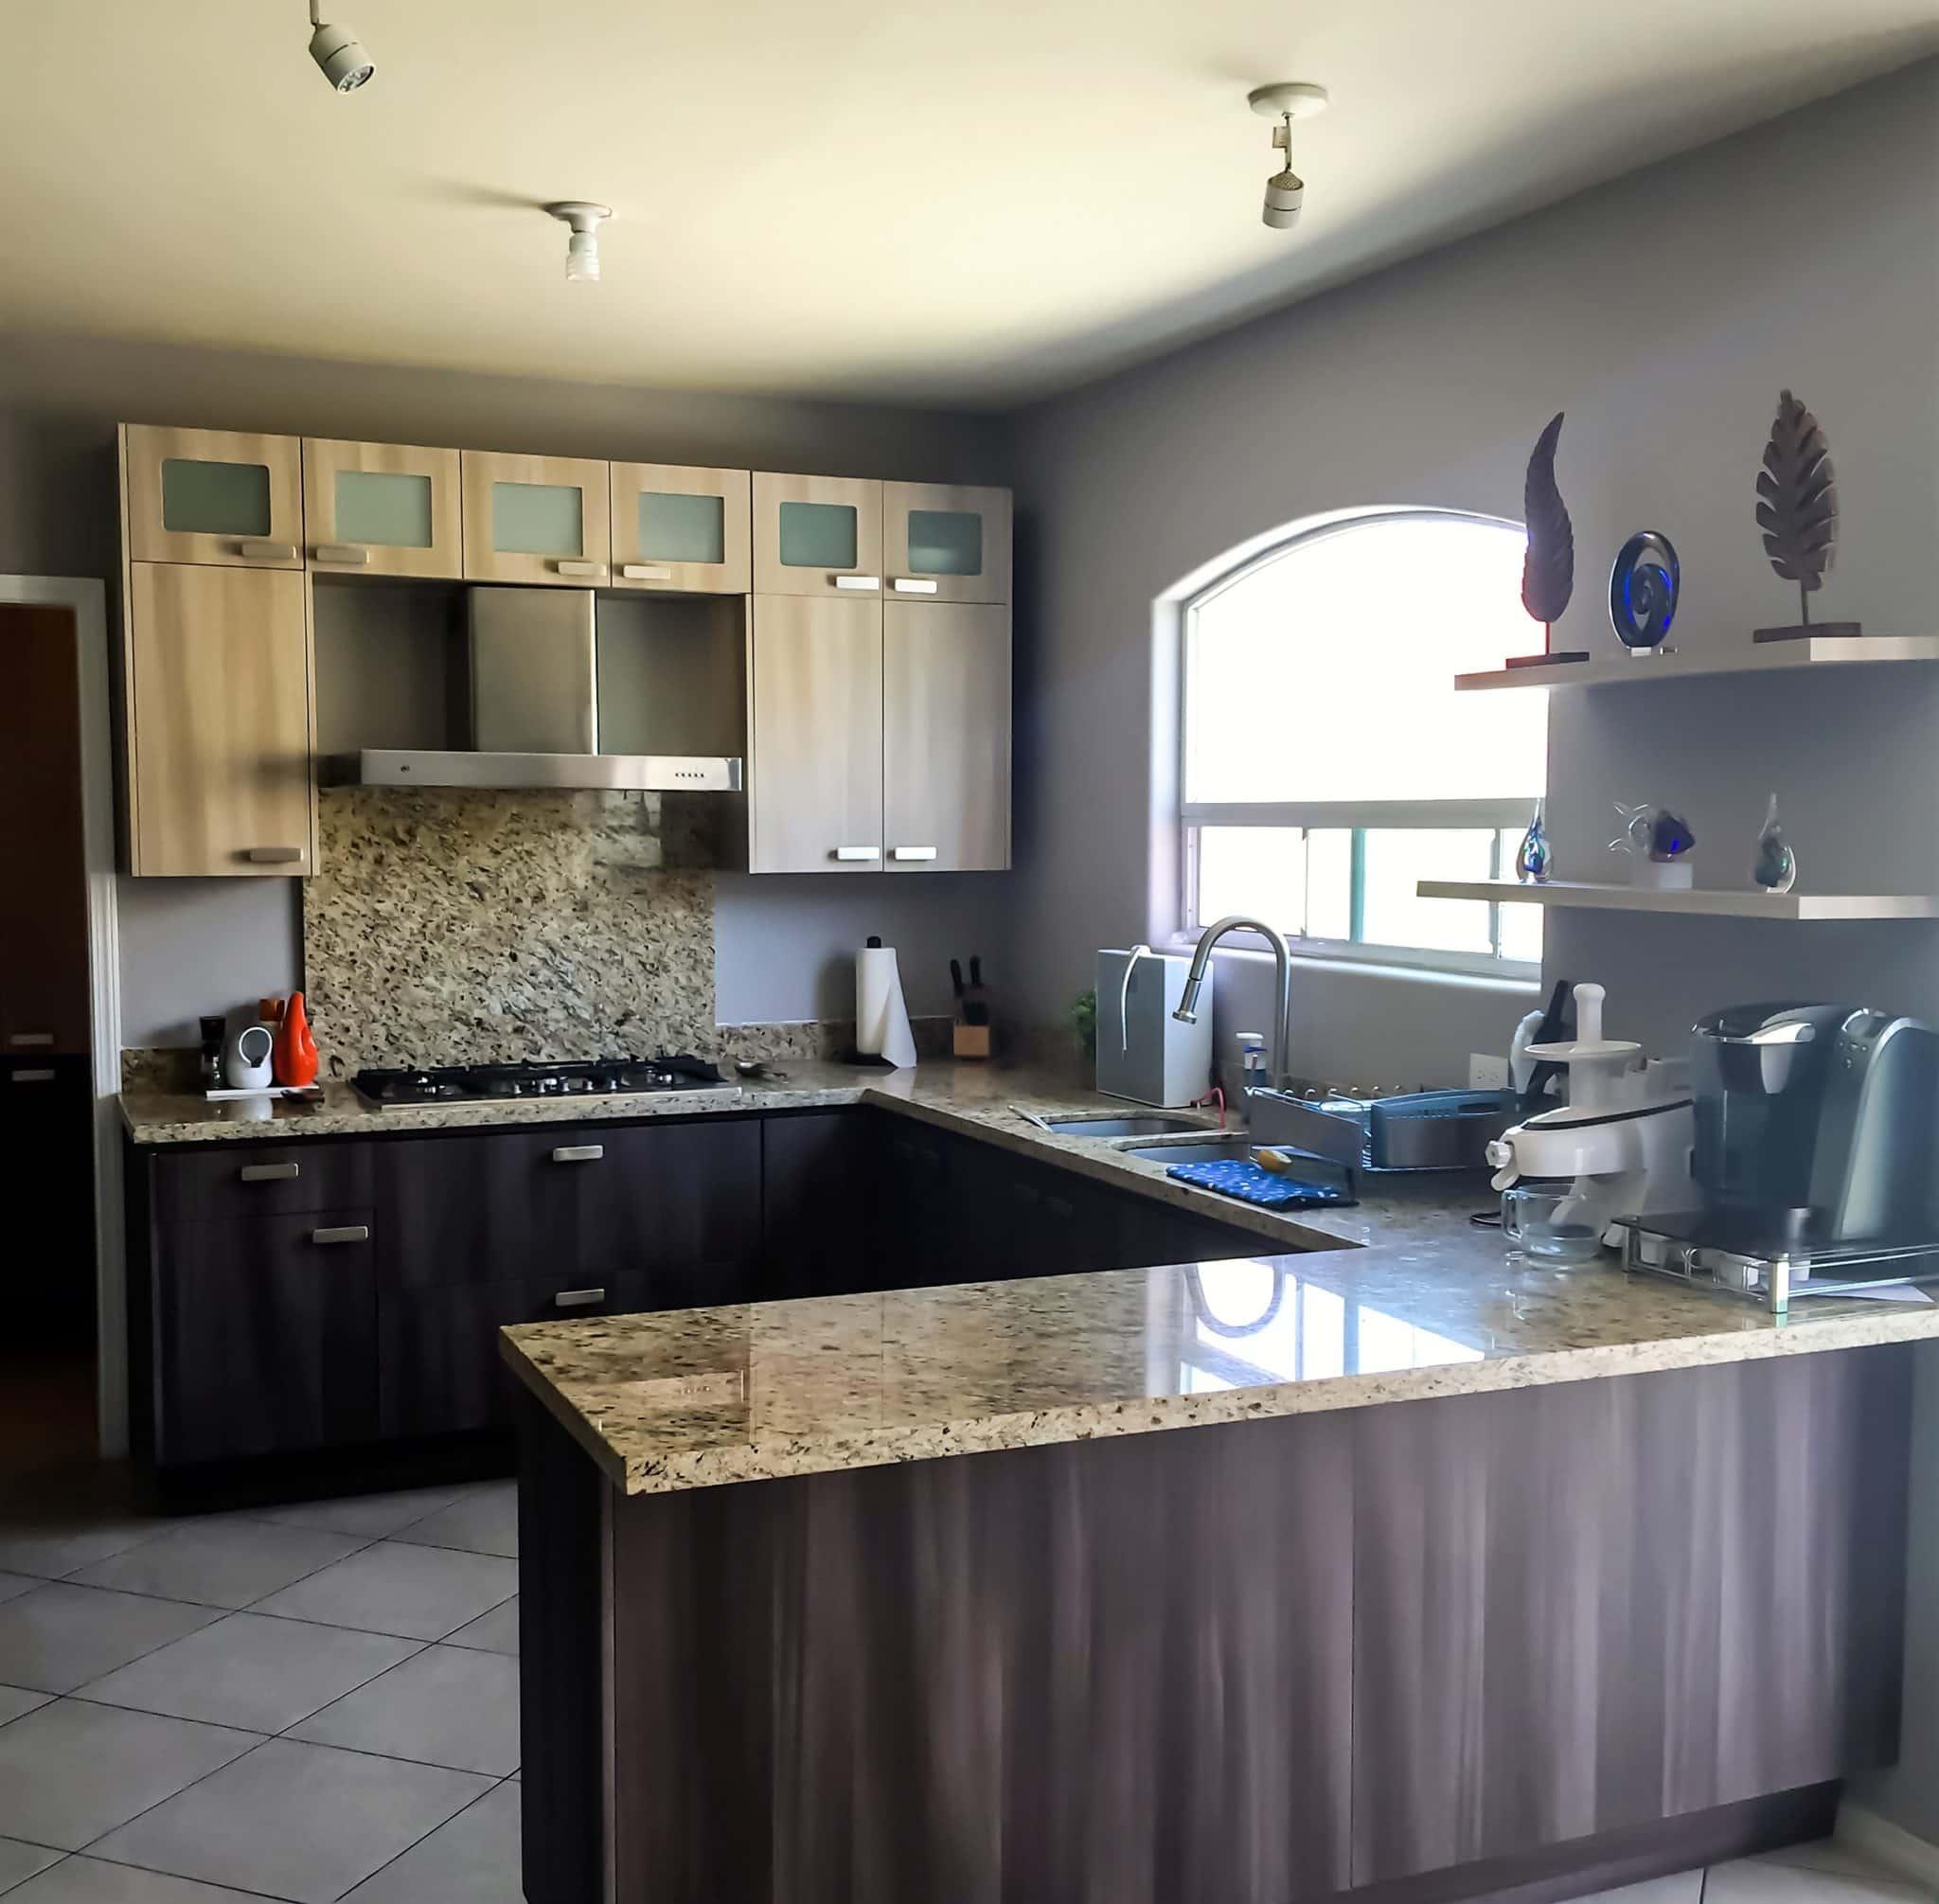 Portafolio keepler cocinas integrales y closets for Cocinas integrales modernas pequenas